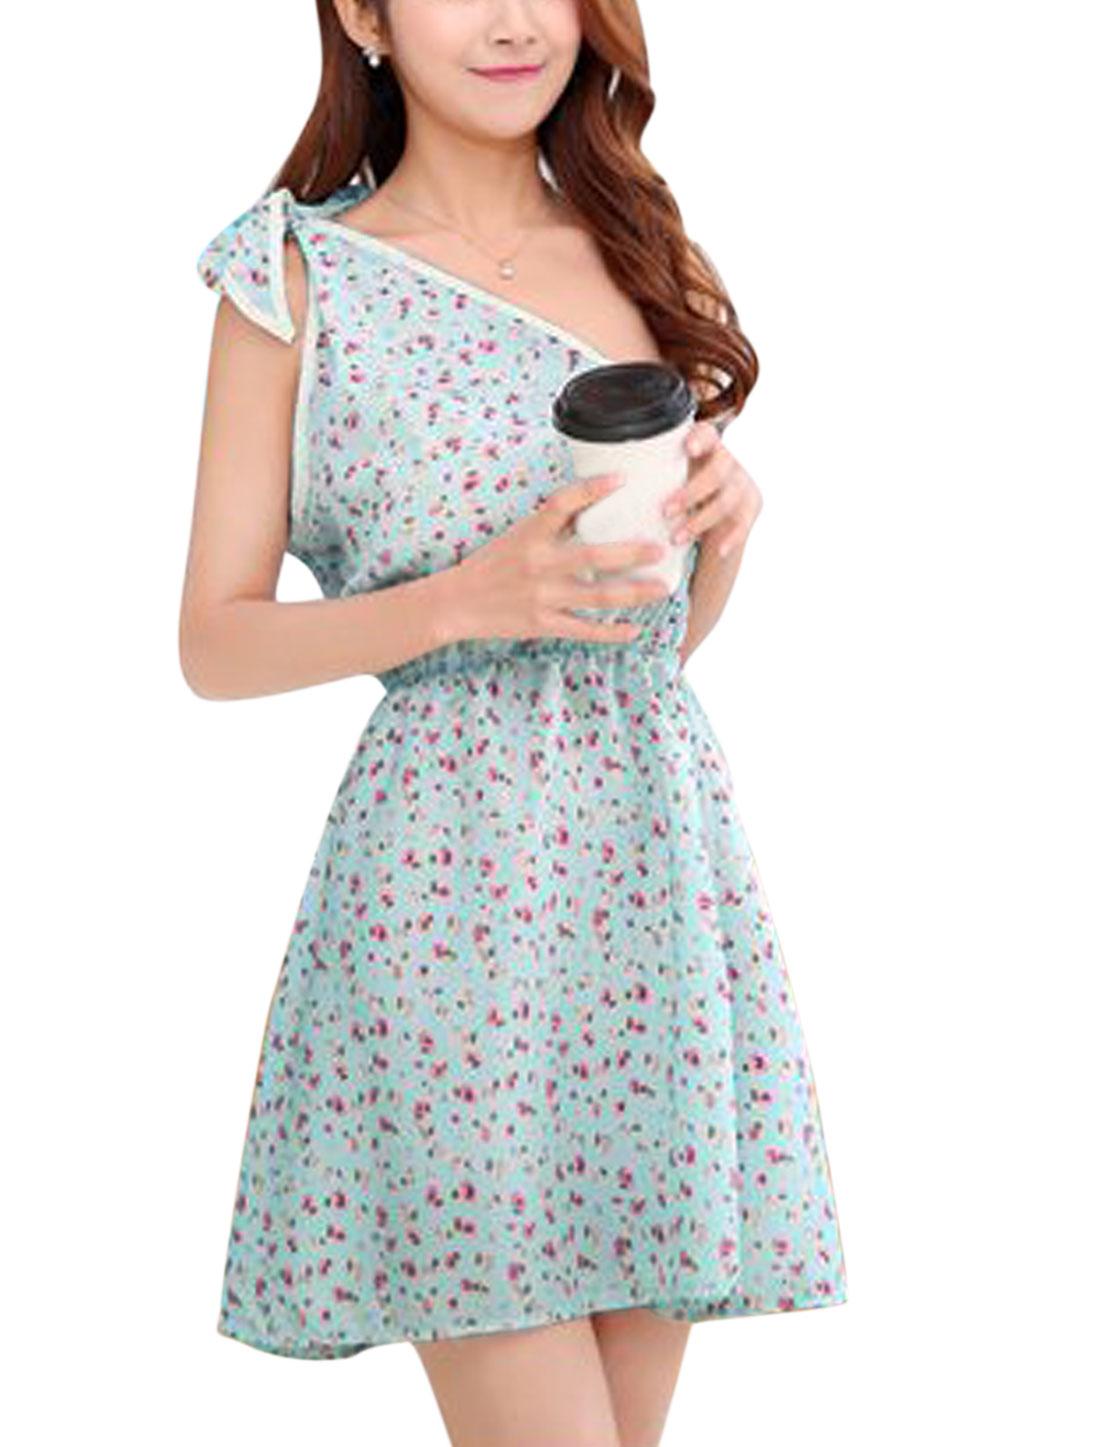 Women Floral Print Summer One Shoulder Elastic Waist Beach Dress Mint Beige XS